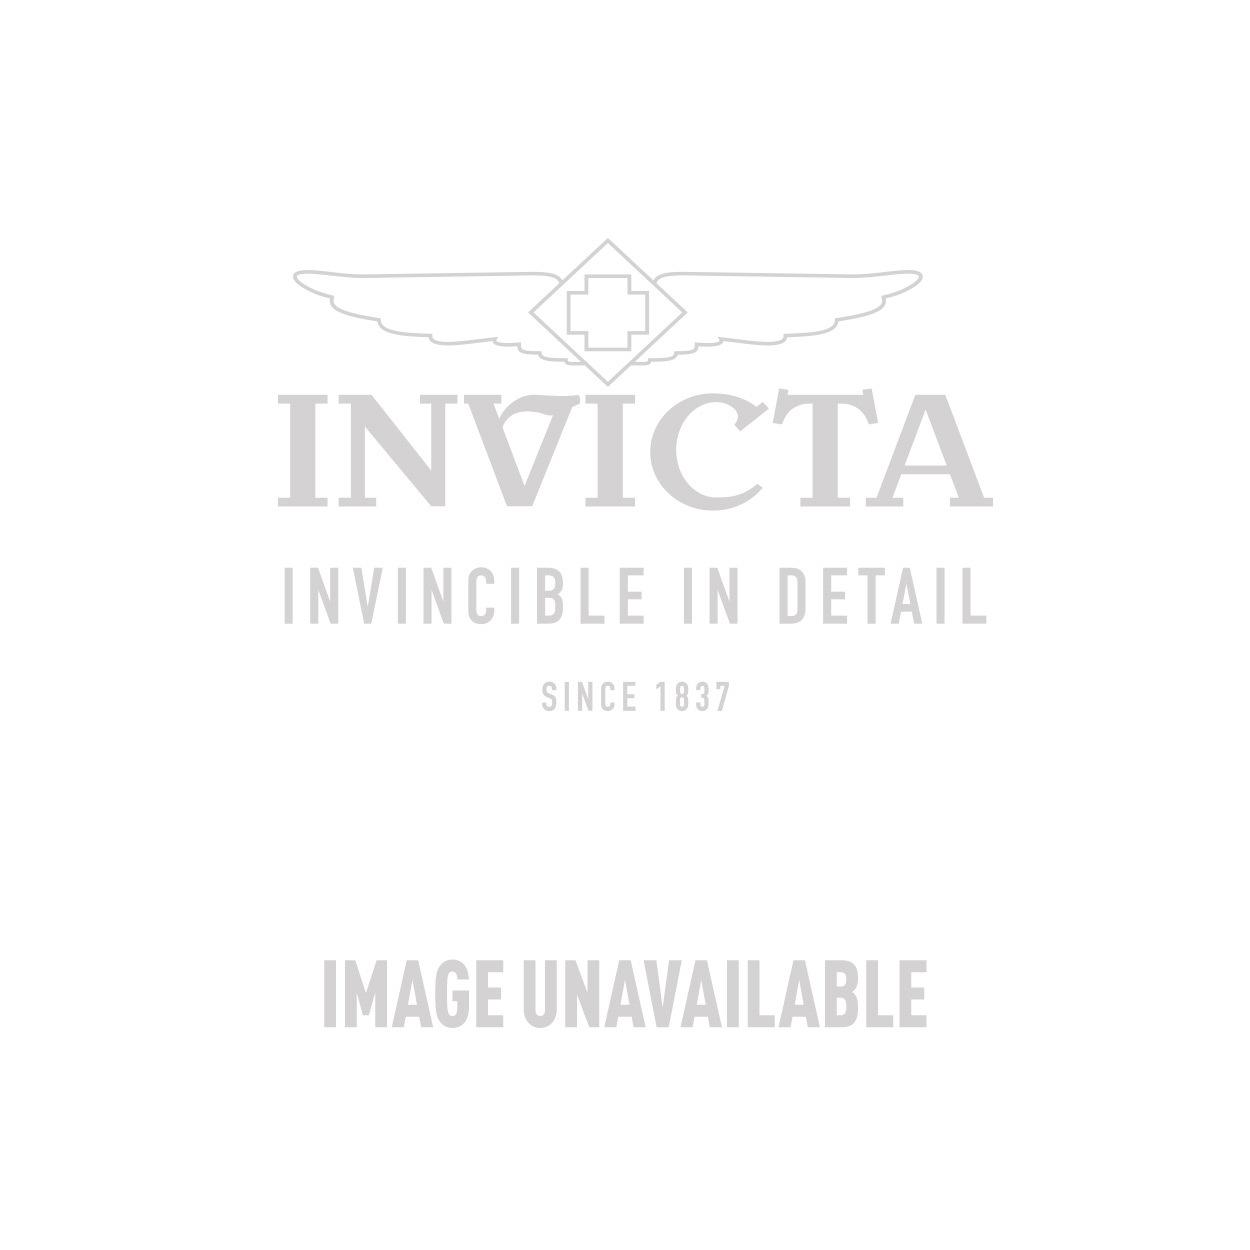 Invicta Model 28141